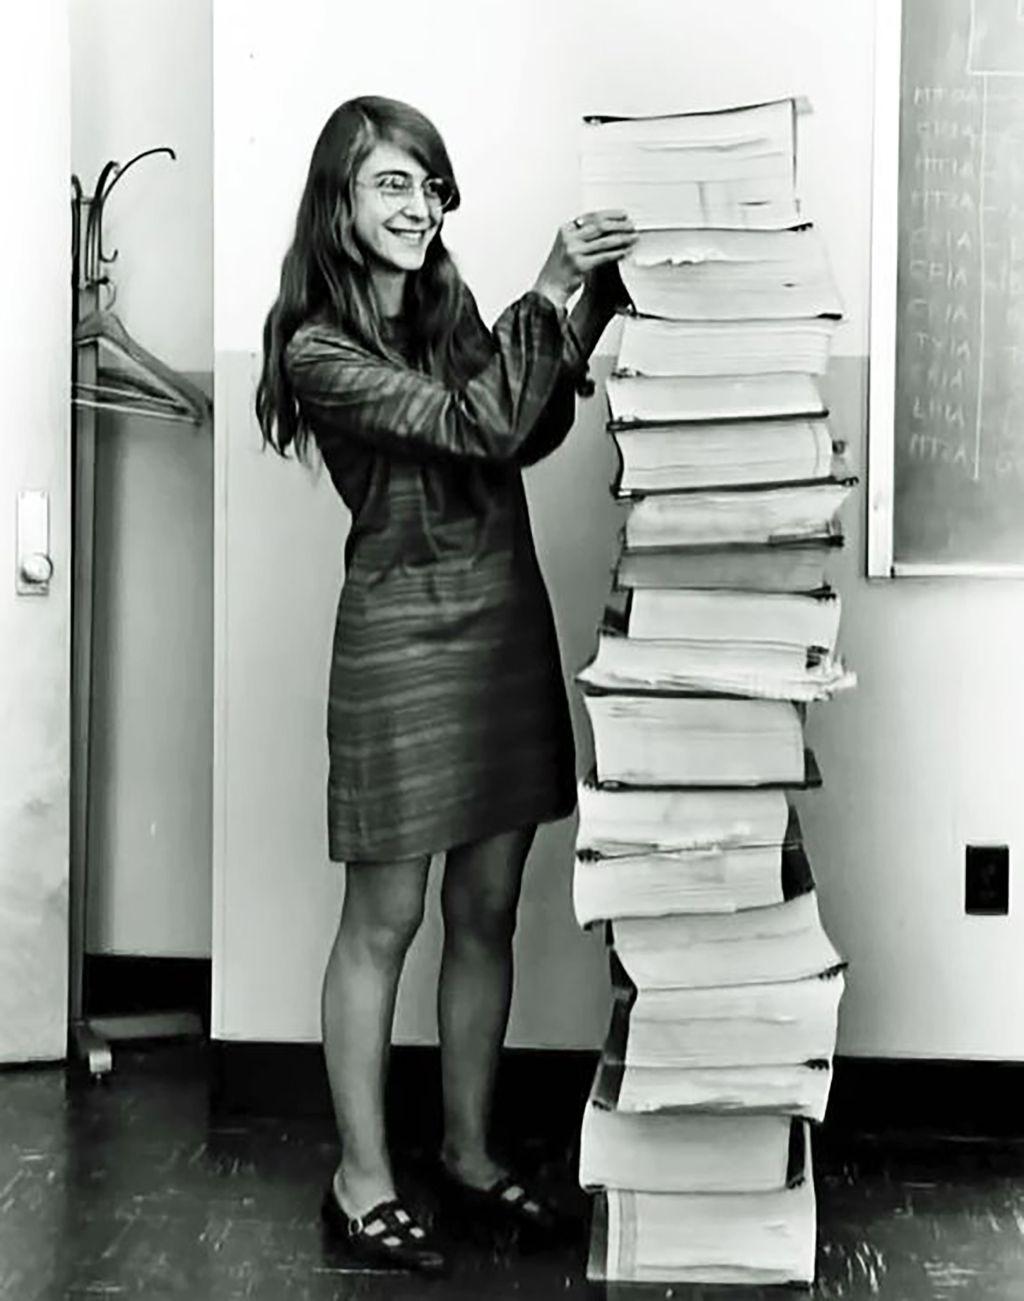 Hình ảnh bên dưới chụp nữ kĩ sư trưởng Margaret Hamilton của dự án đứng bên chồng giấy in những đoạn code của Apollo 11